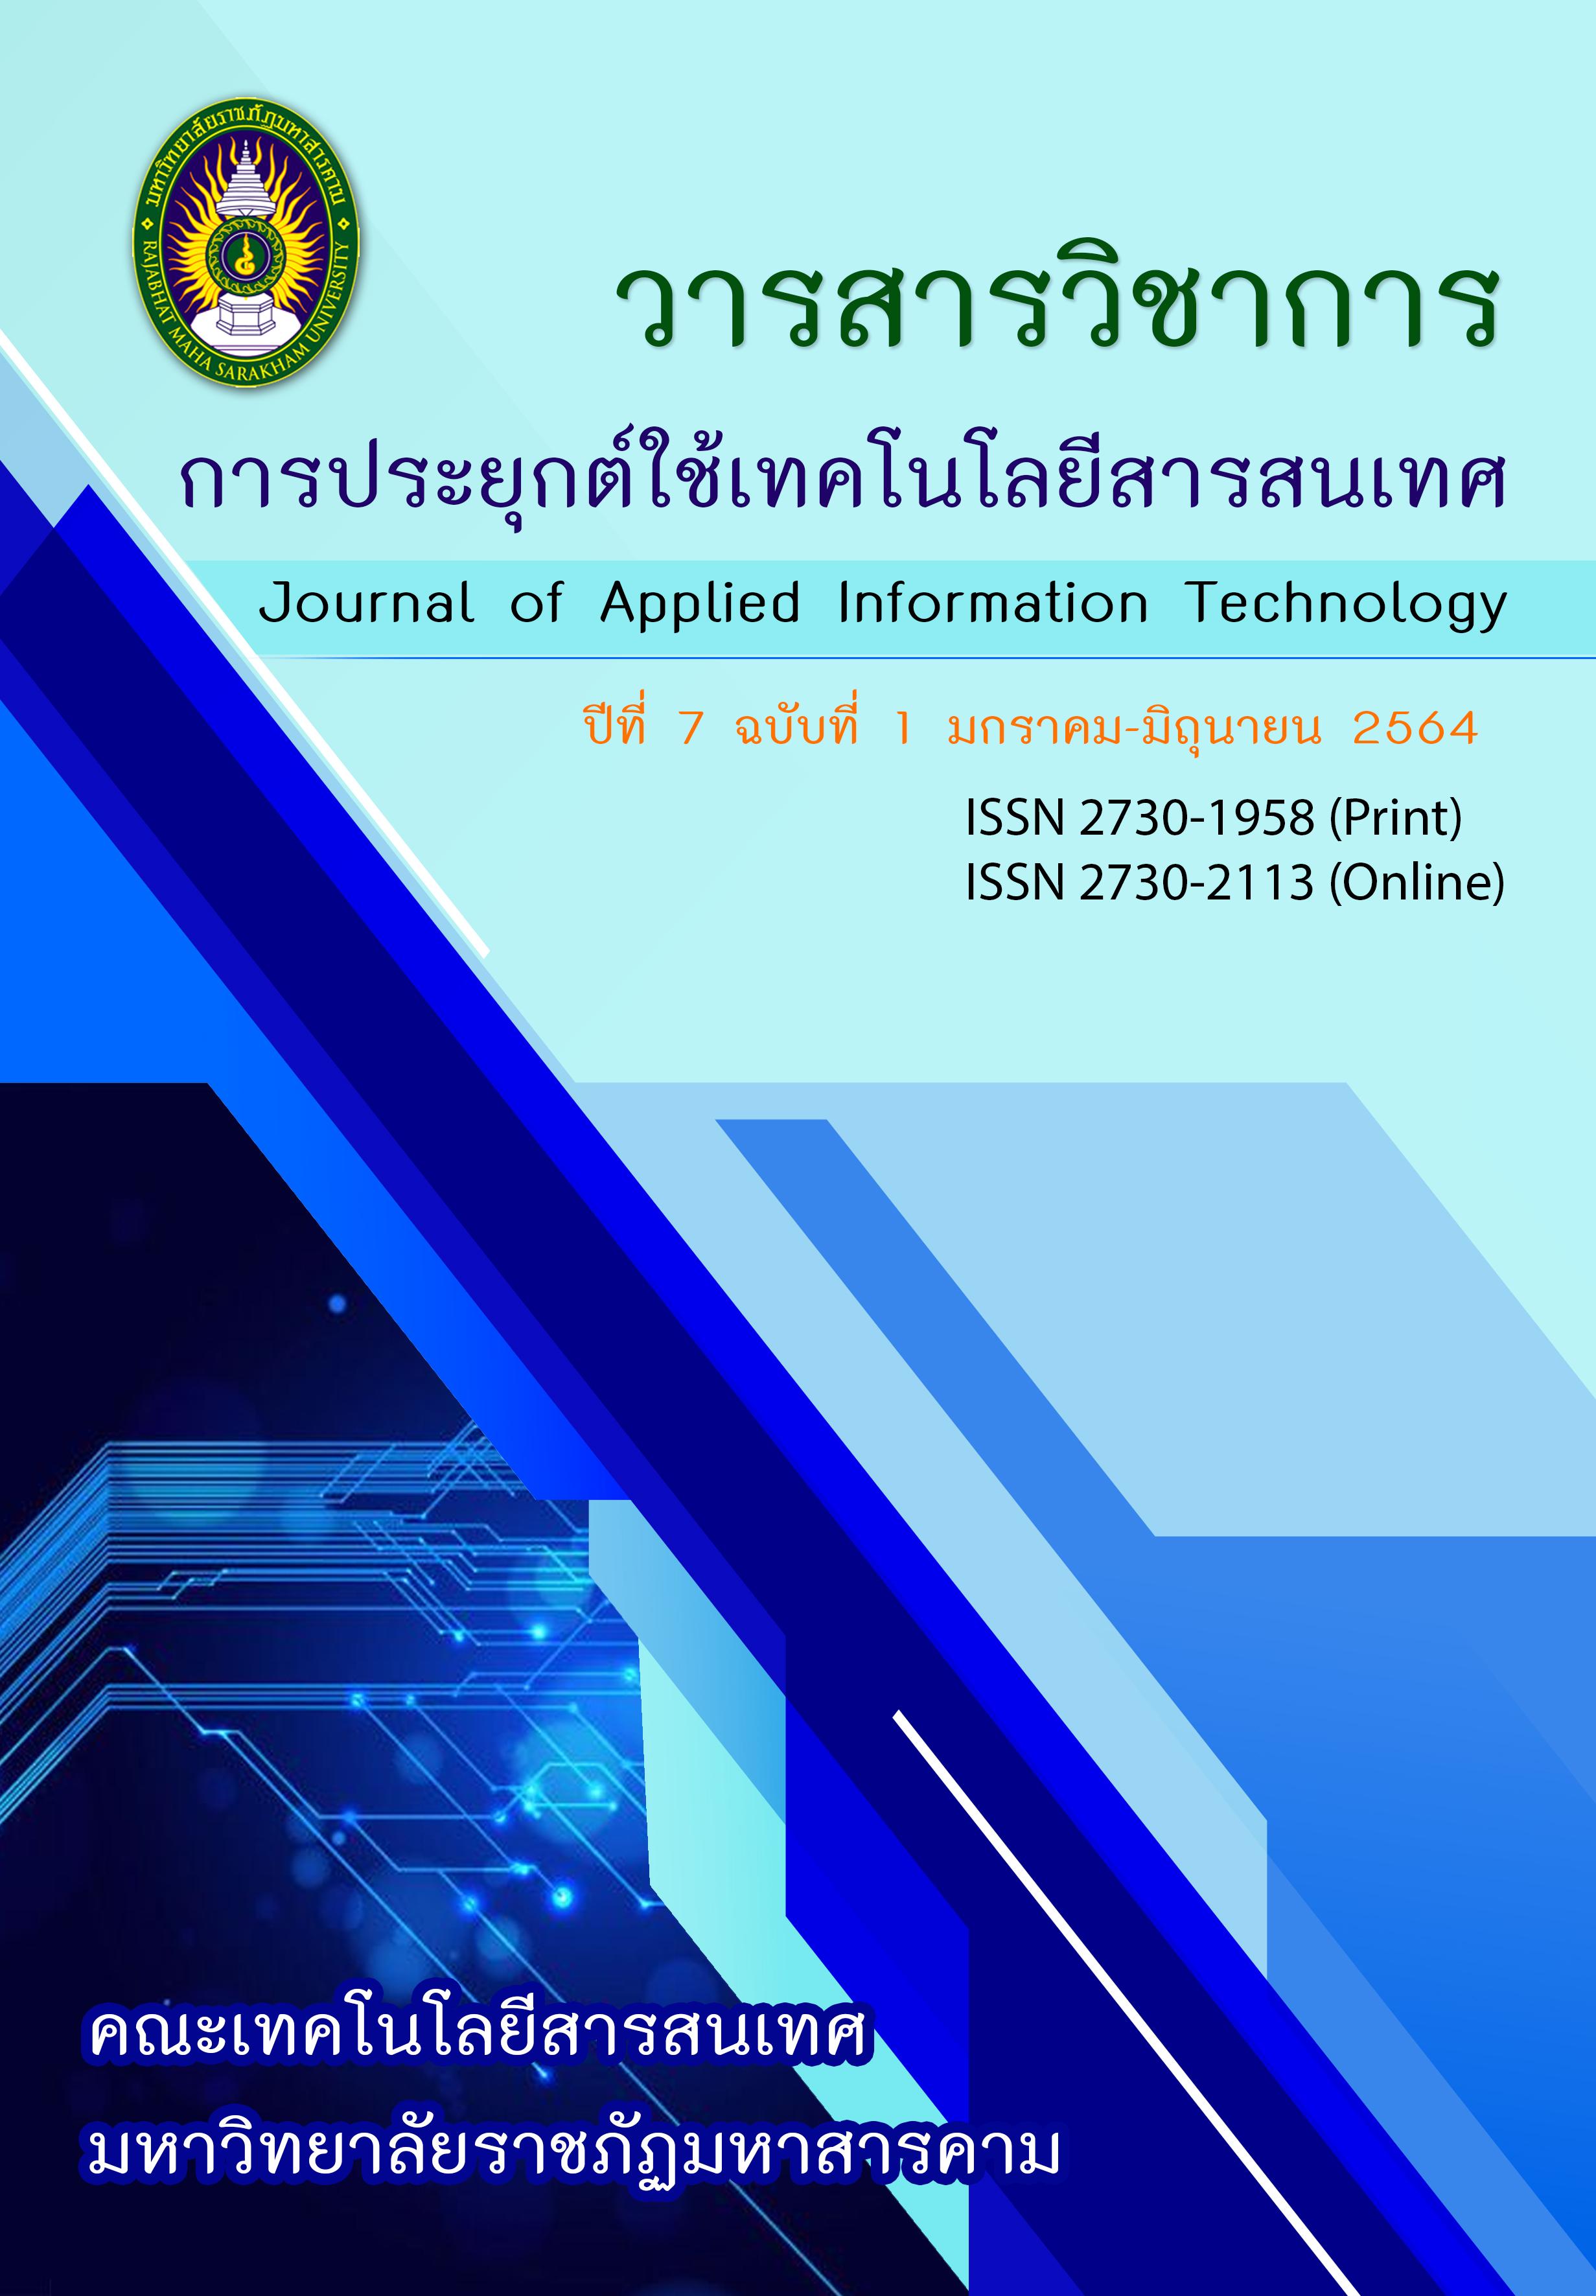 วารสารวิชาการการประยุกต์ใช้เทคโนโลยีสารสนเทศ ปีที่ 7 ฉบับที่ 1